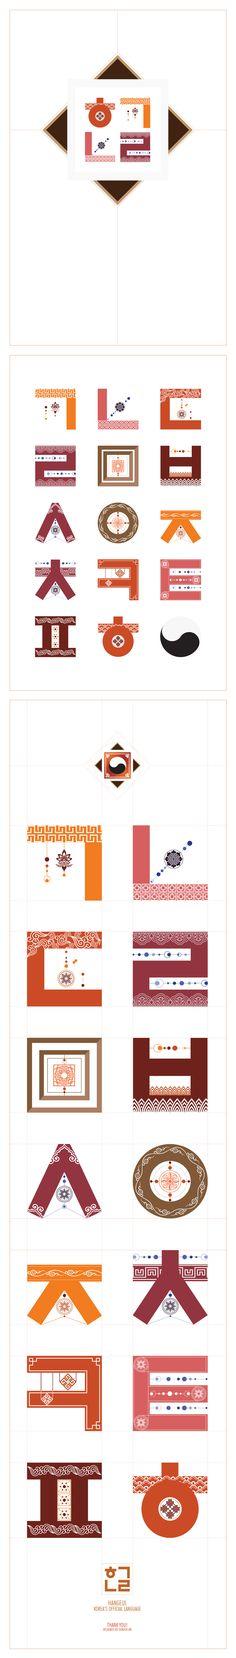 한국의 대표적인 문양과 한글이 서로 만나 더욱 아름다워 보인다.